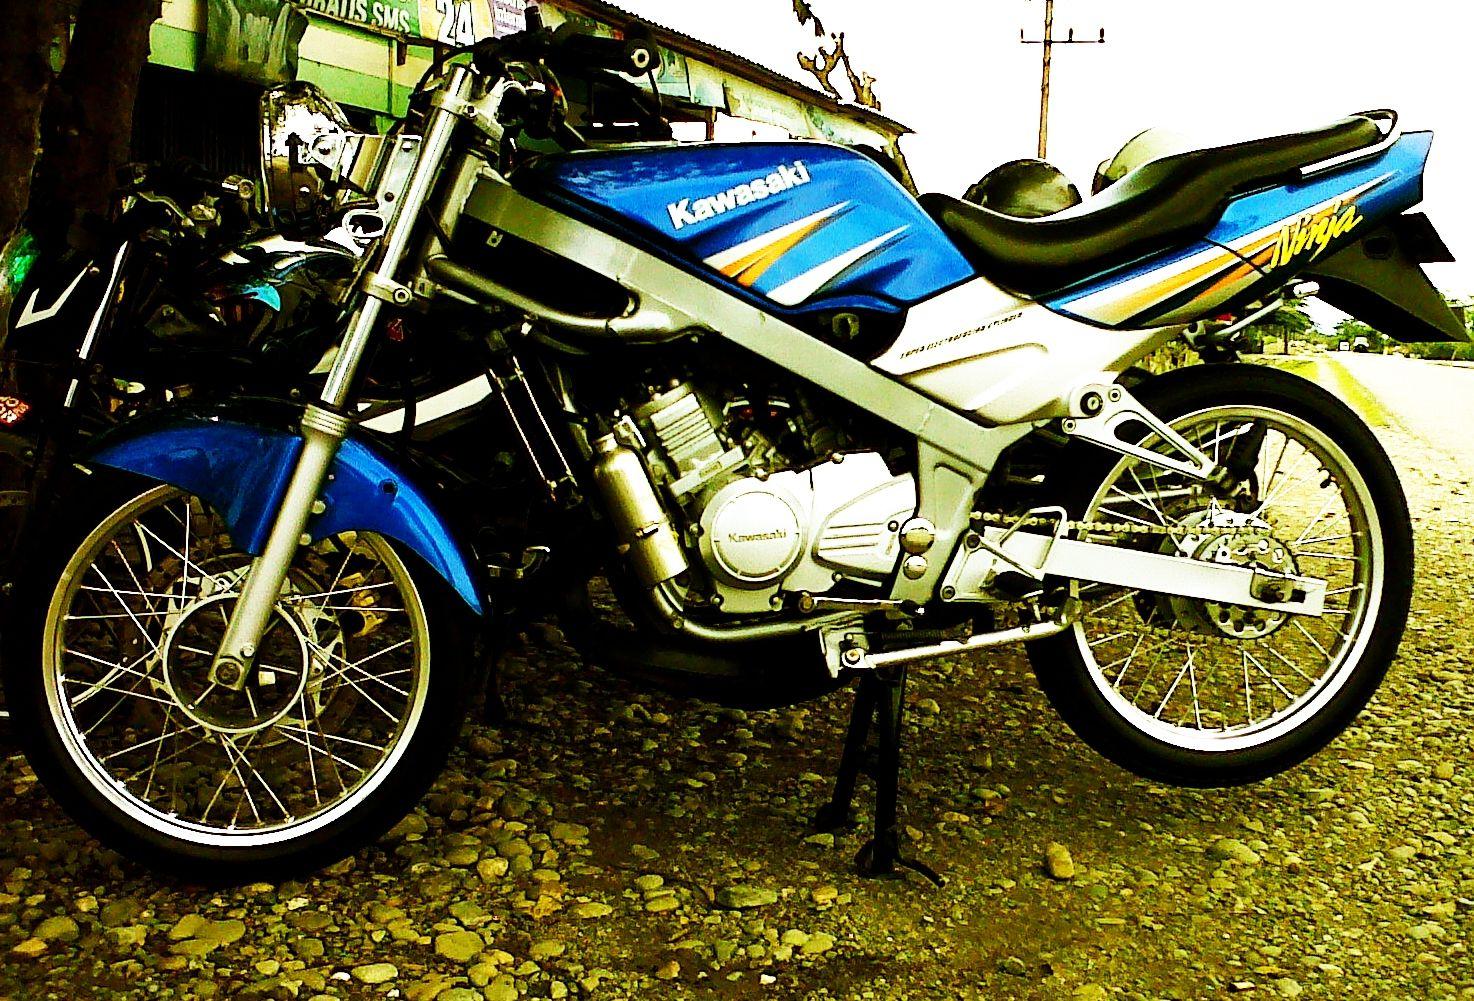 Kenangan Kawasaki Ninja 150 R